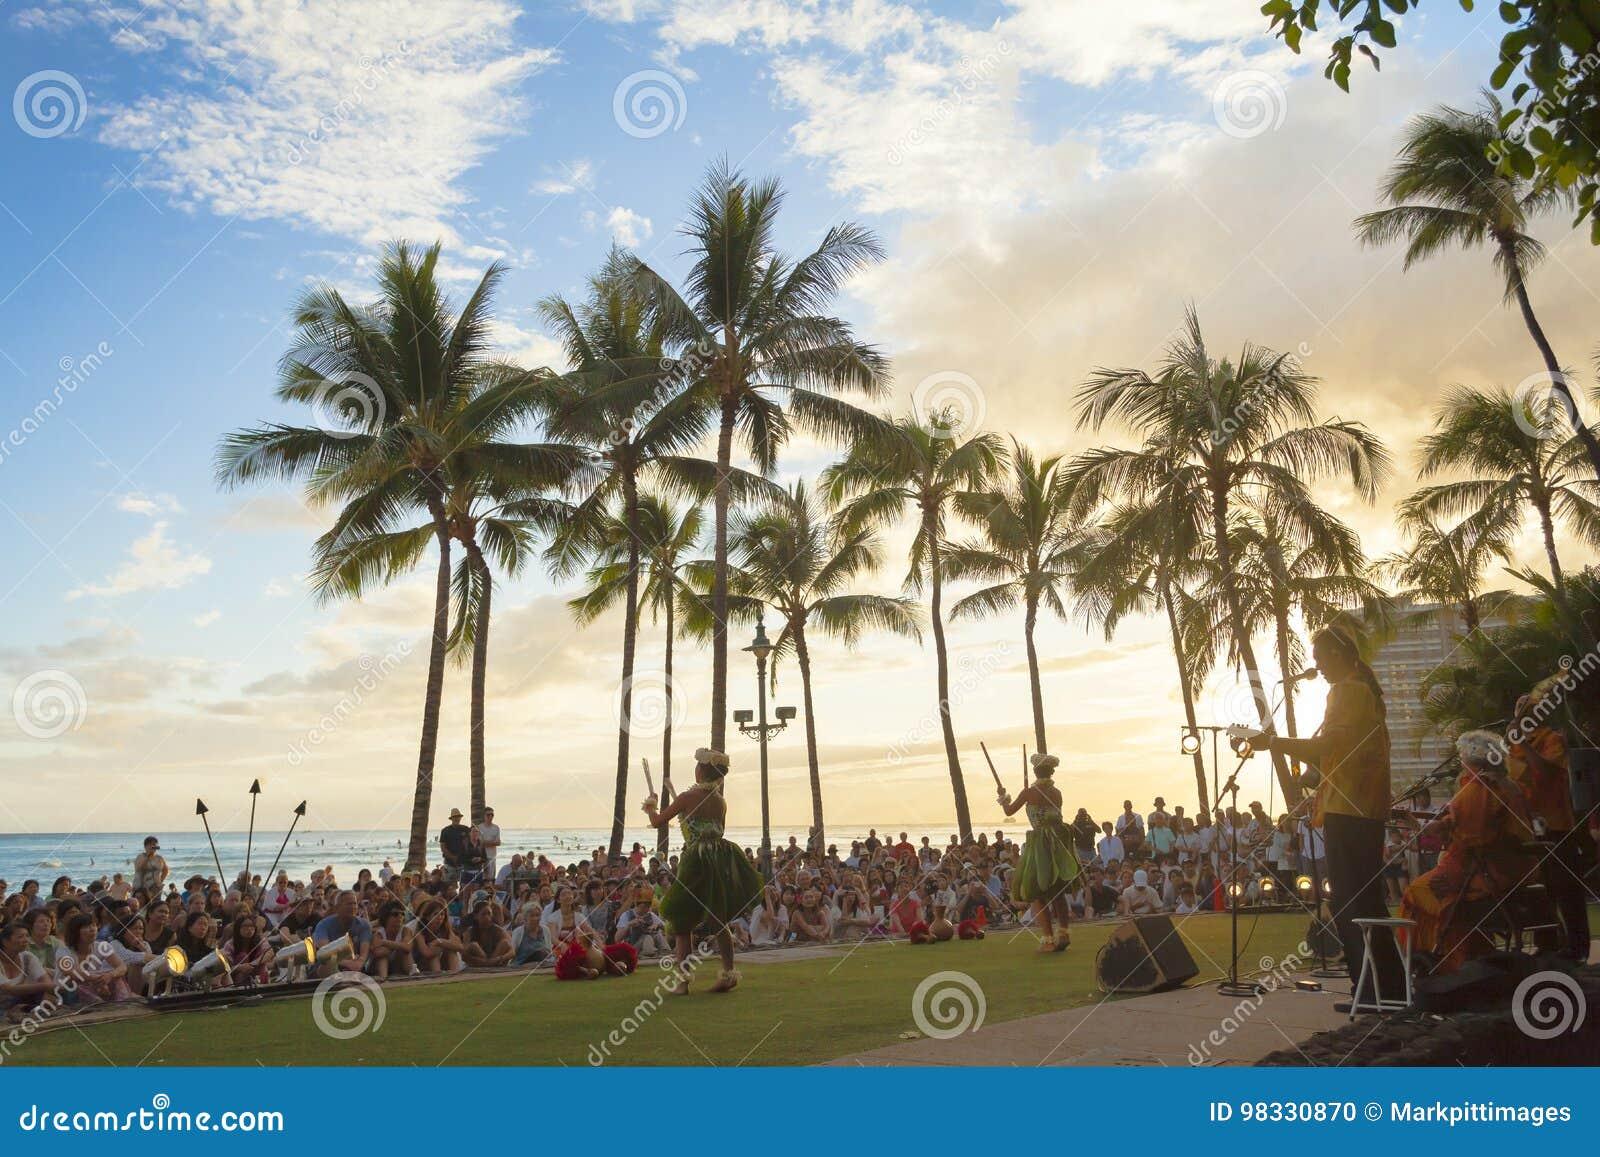 夏威夷奥阿胡岛waikiki海滩一个小乐队播放典型的夏威夷音乐